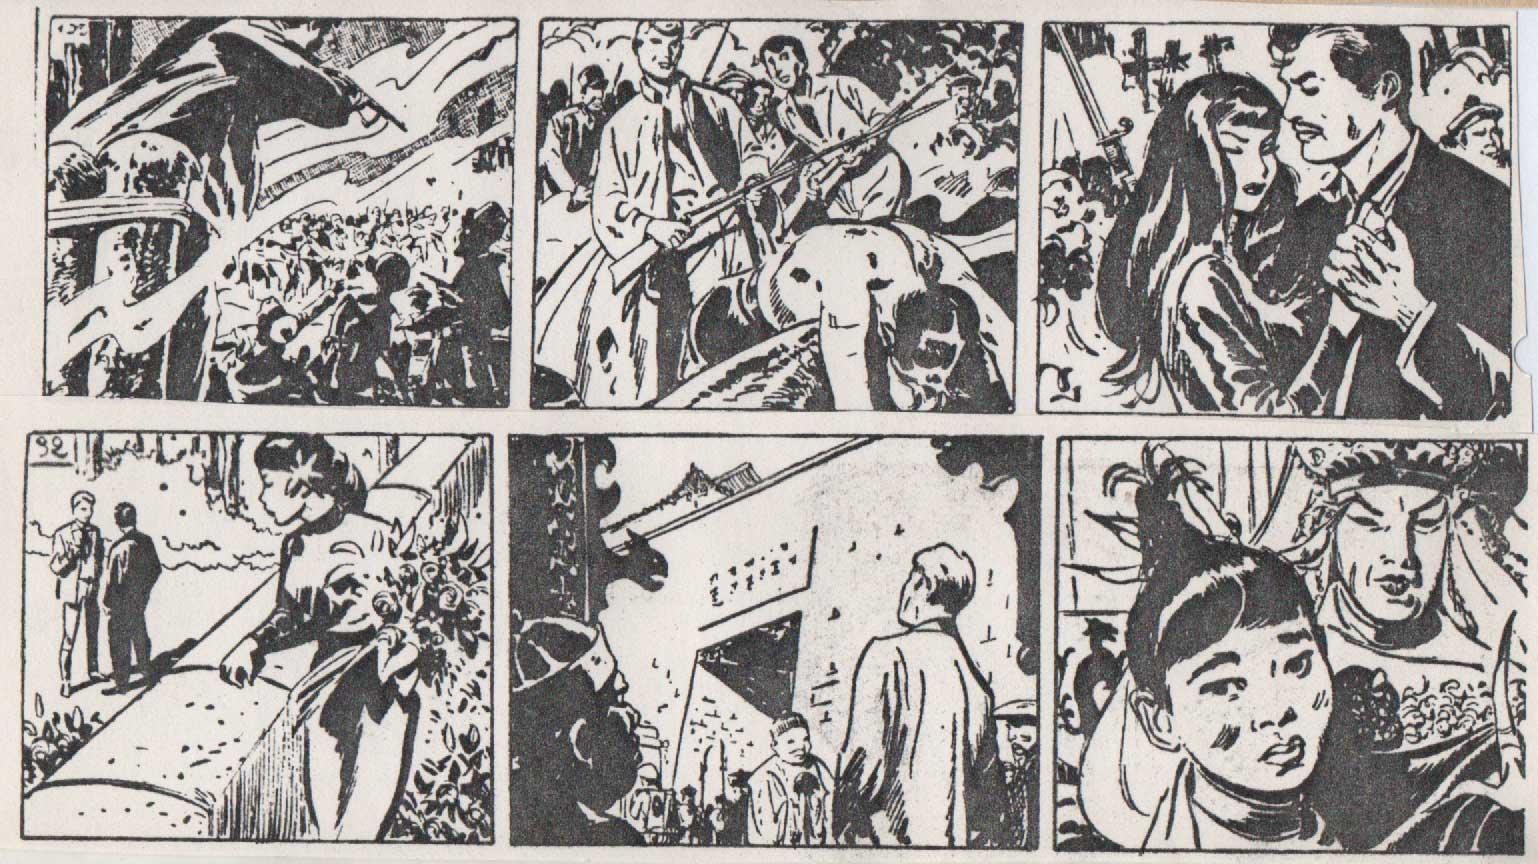 « Cigale en Chine » L'Union (1958).